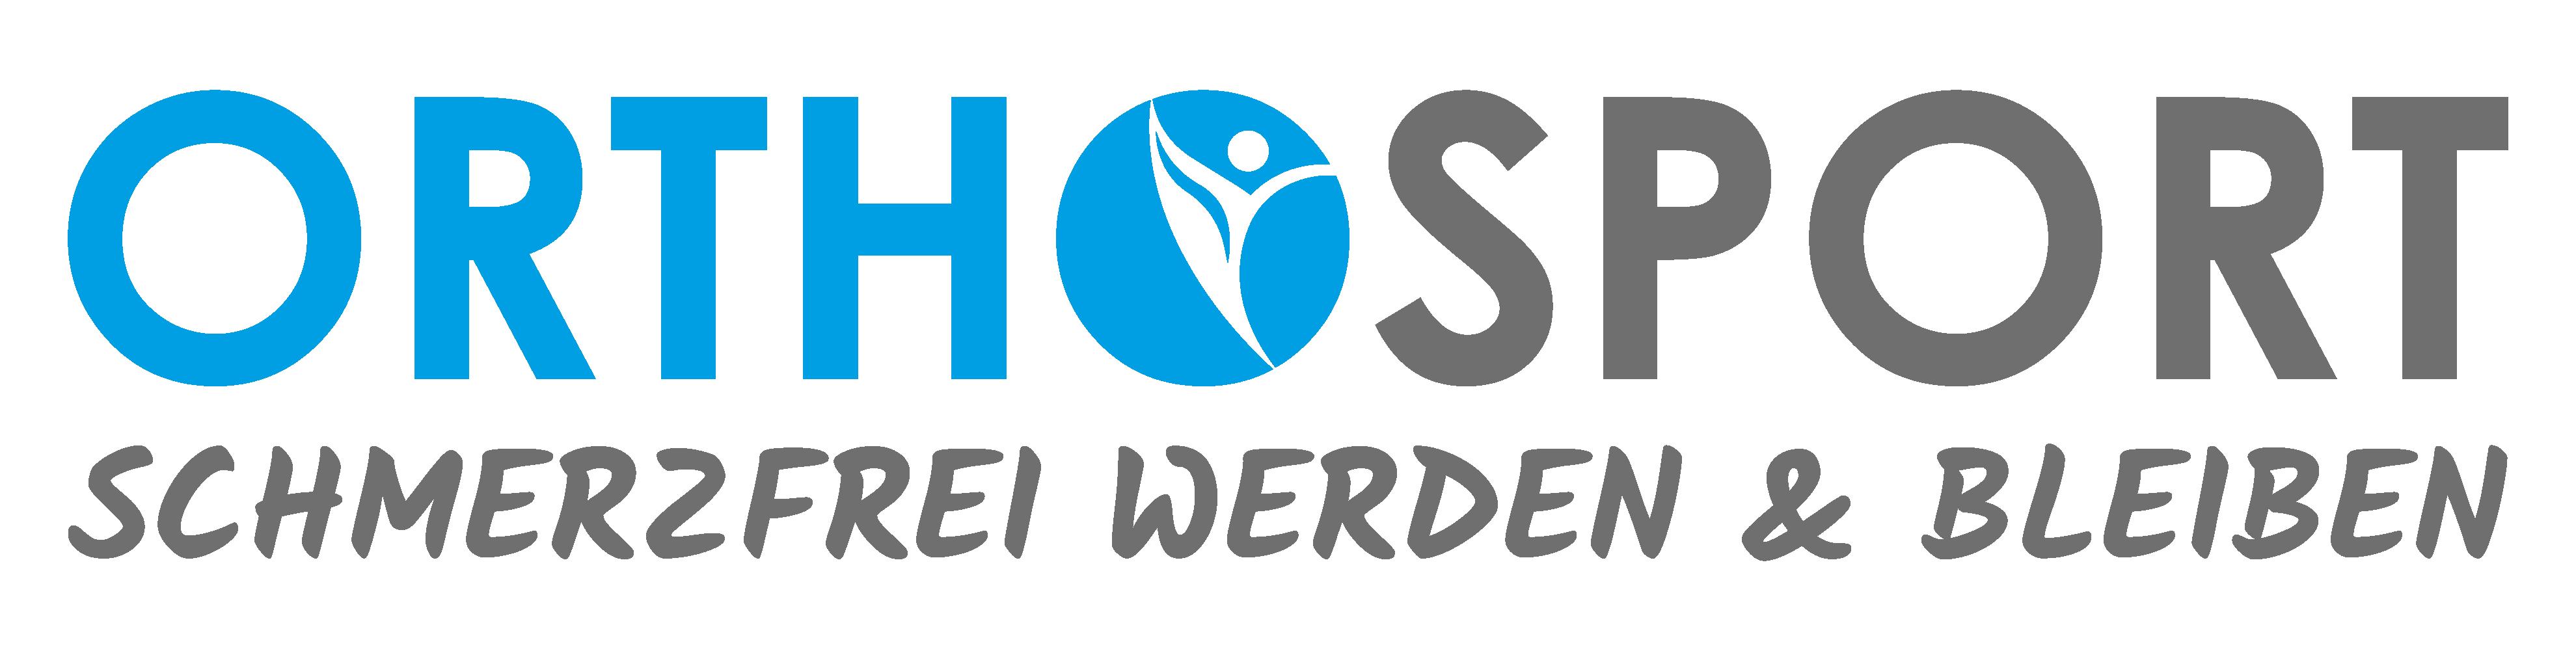 ORTHOSPORT LEICHLINGEN - Schmerzfrei